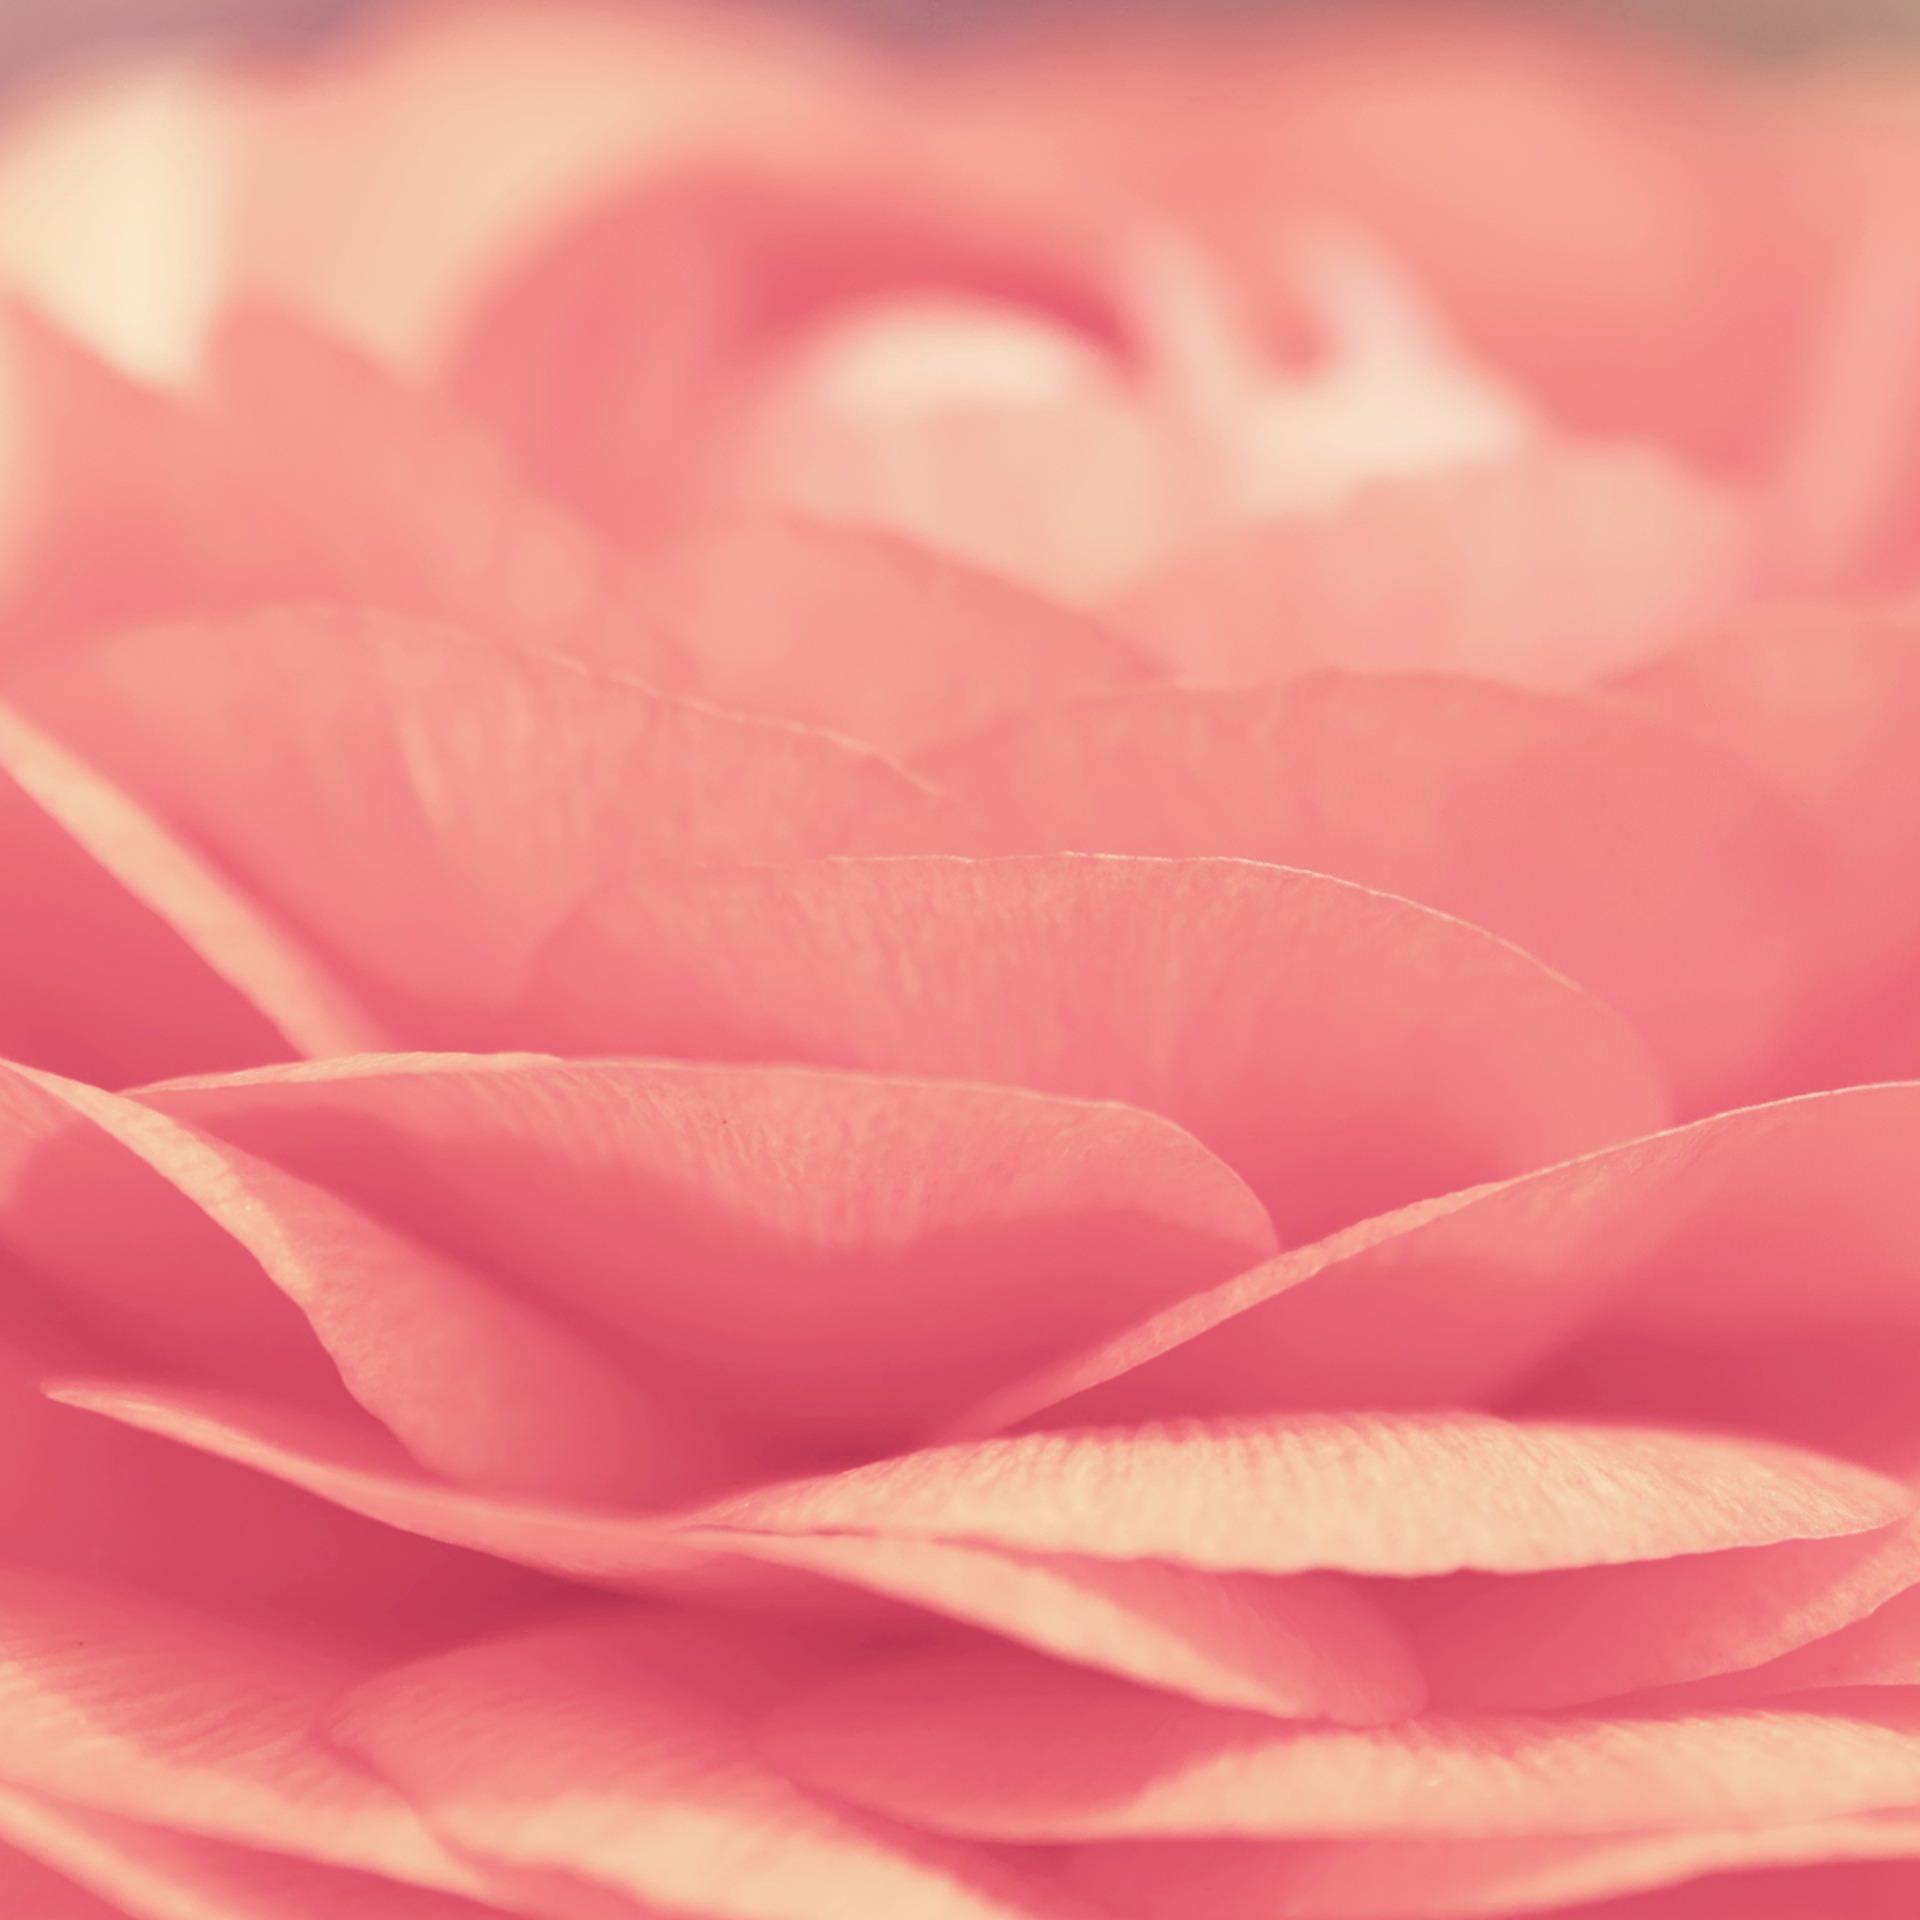 ピンクの薔薇の接写 Android壁紙 2160 1920 Wallpaperbox